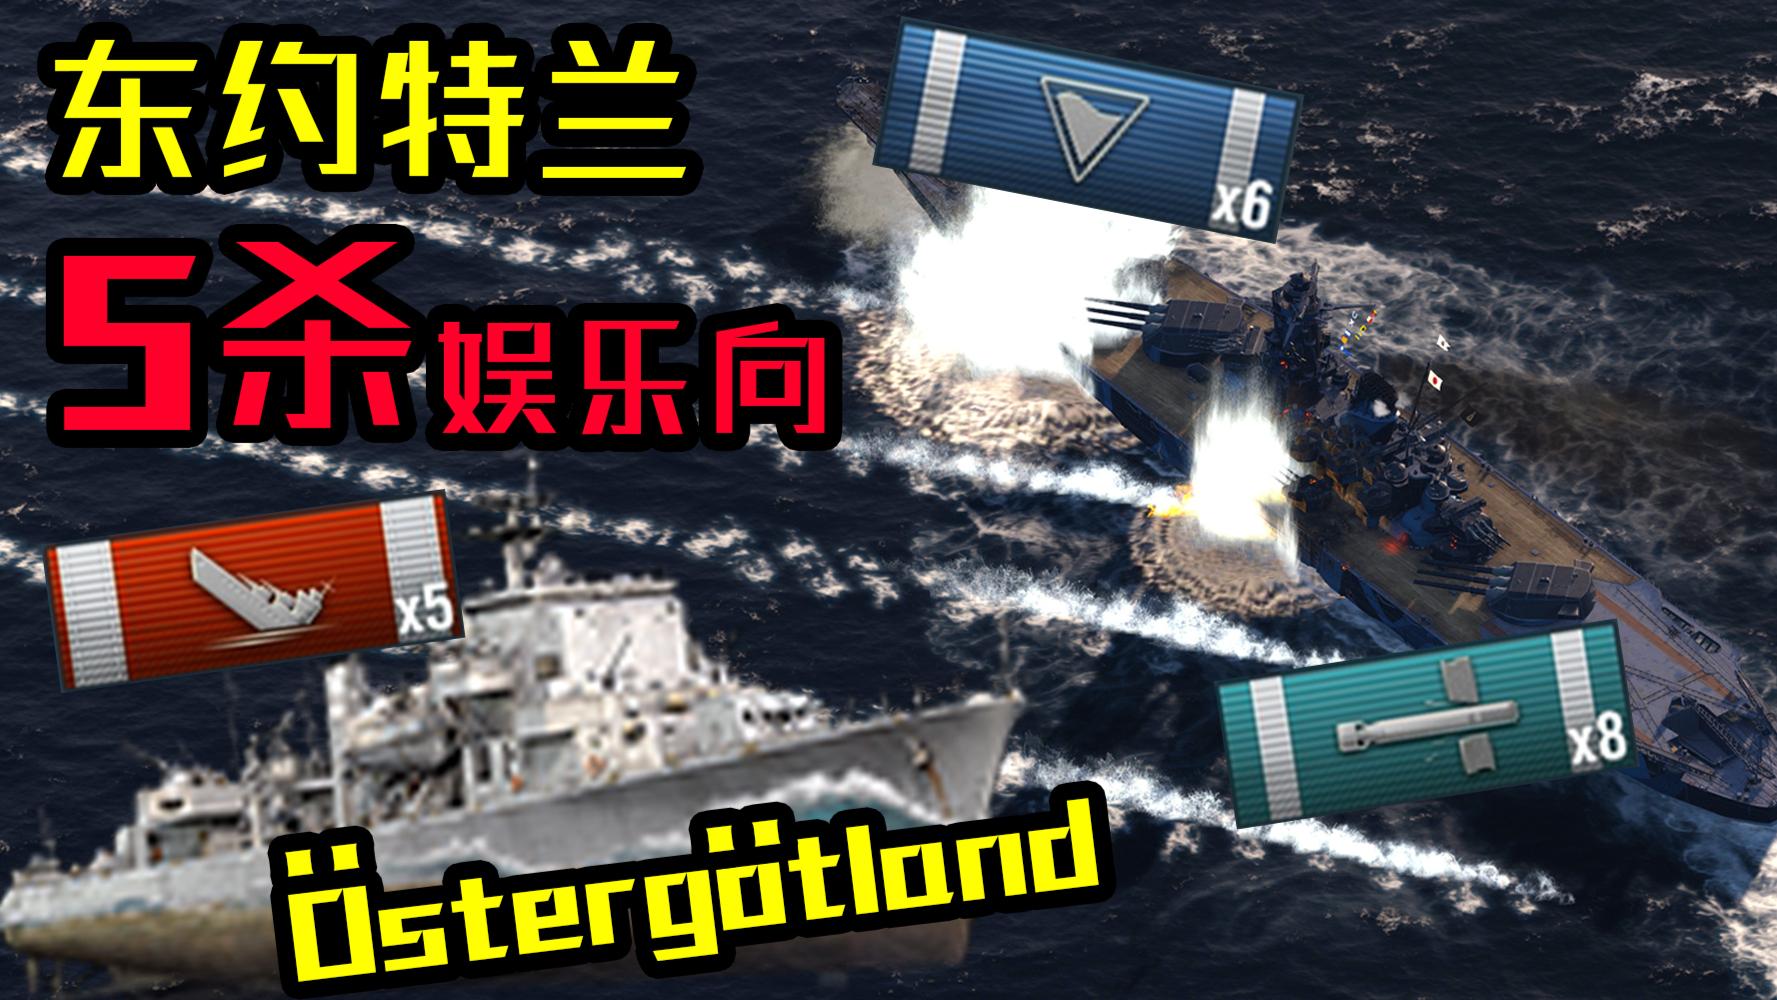 【战舰世界】欧驱IX东约特兰海怪5杀-娱乐向疯狂捡漏【QPC】